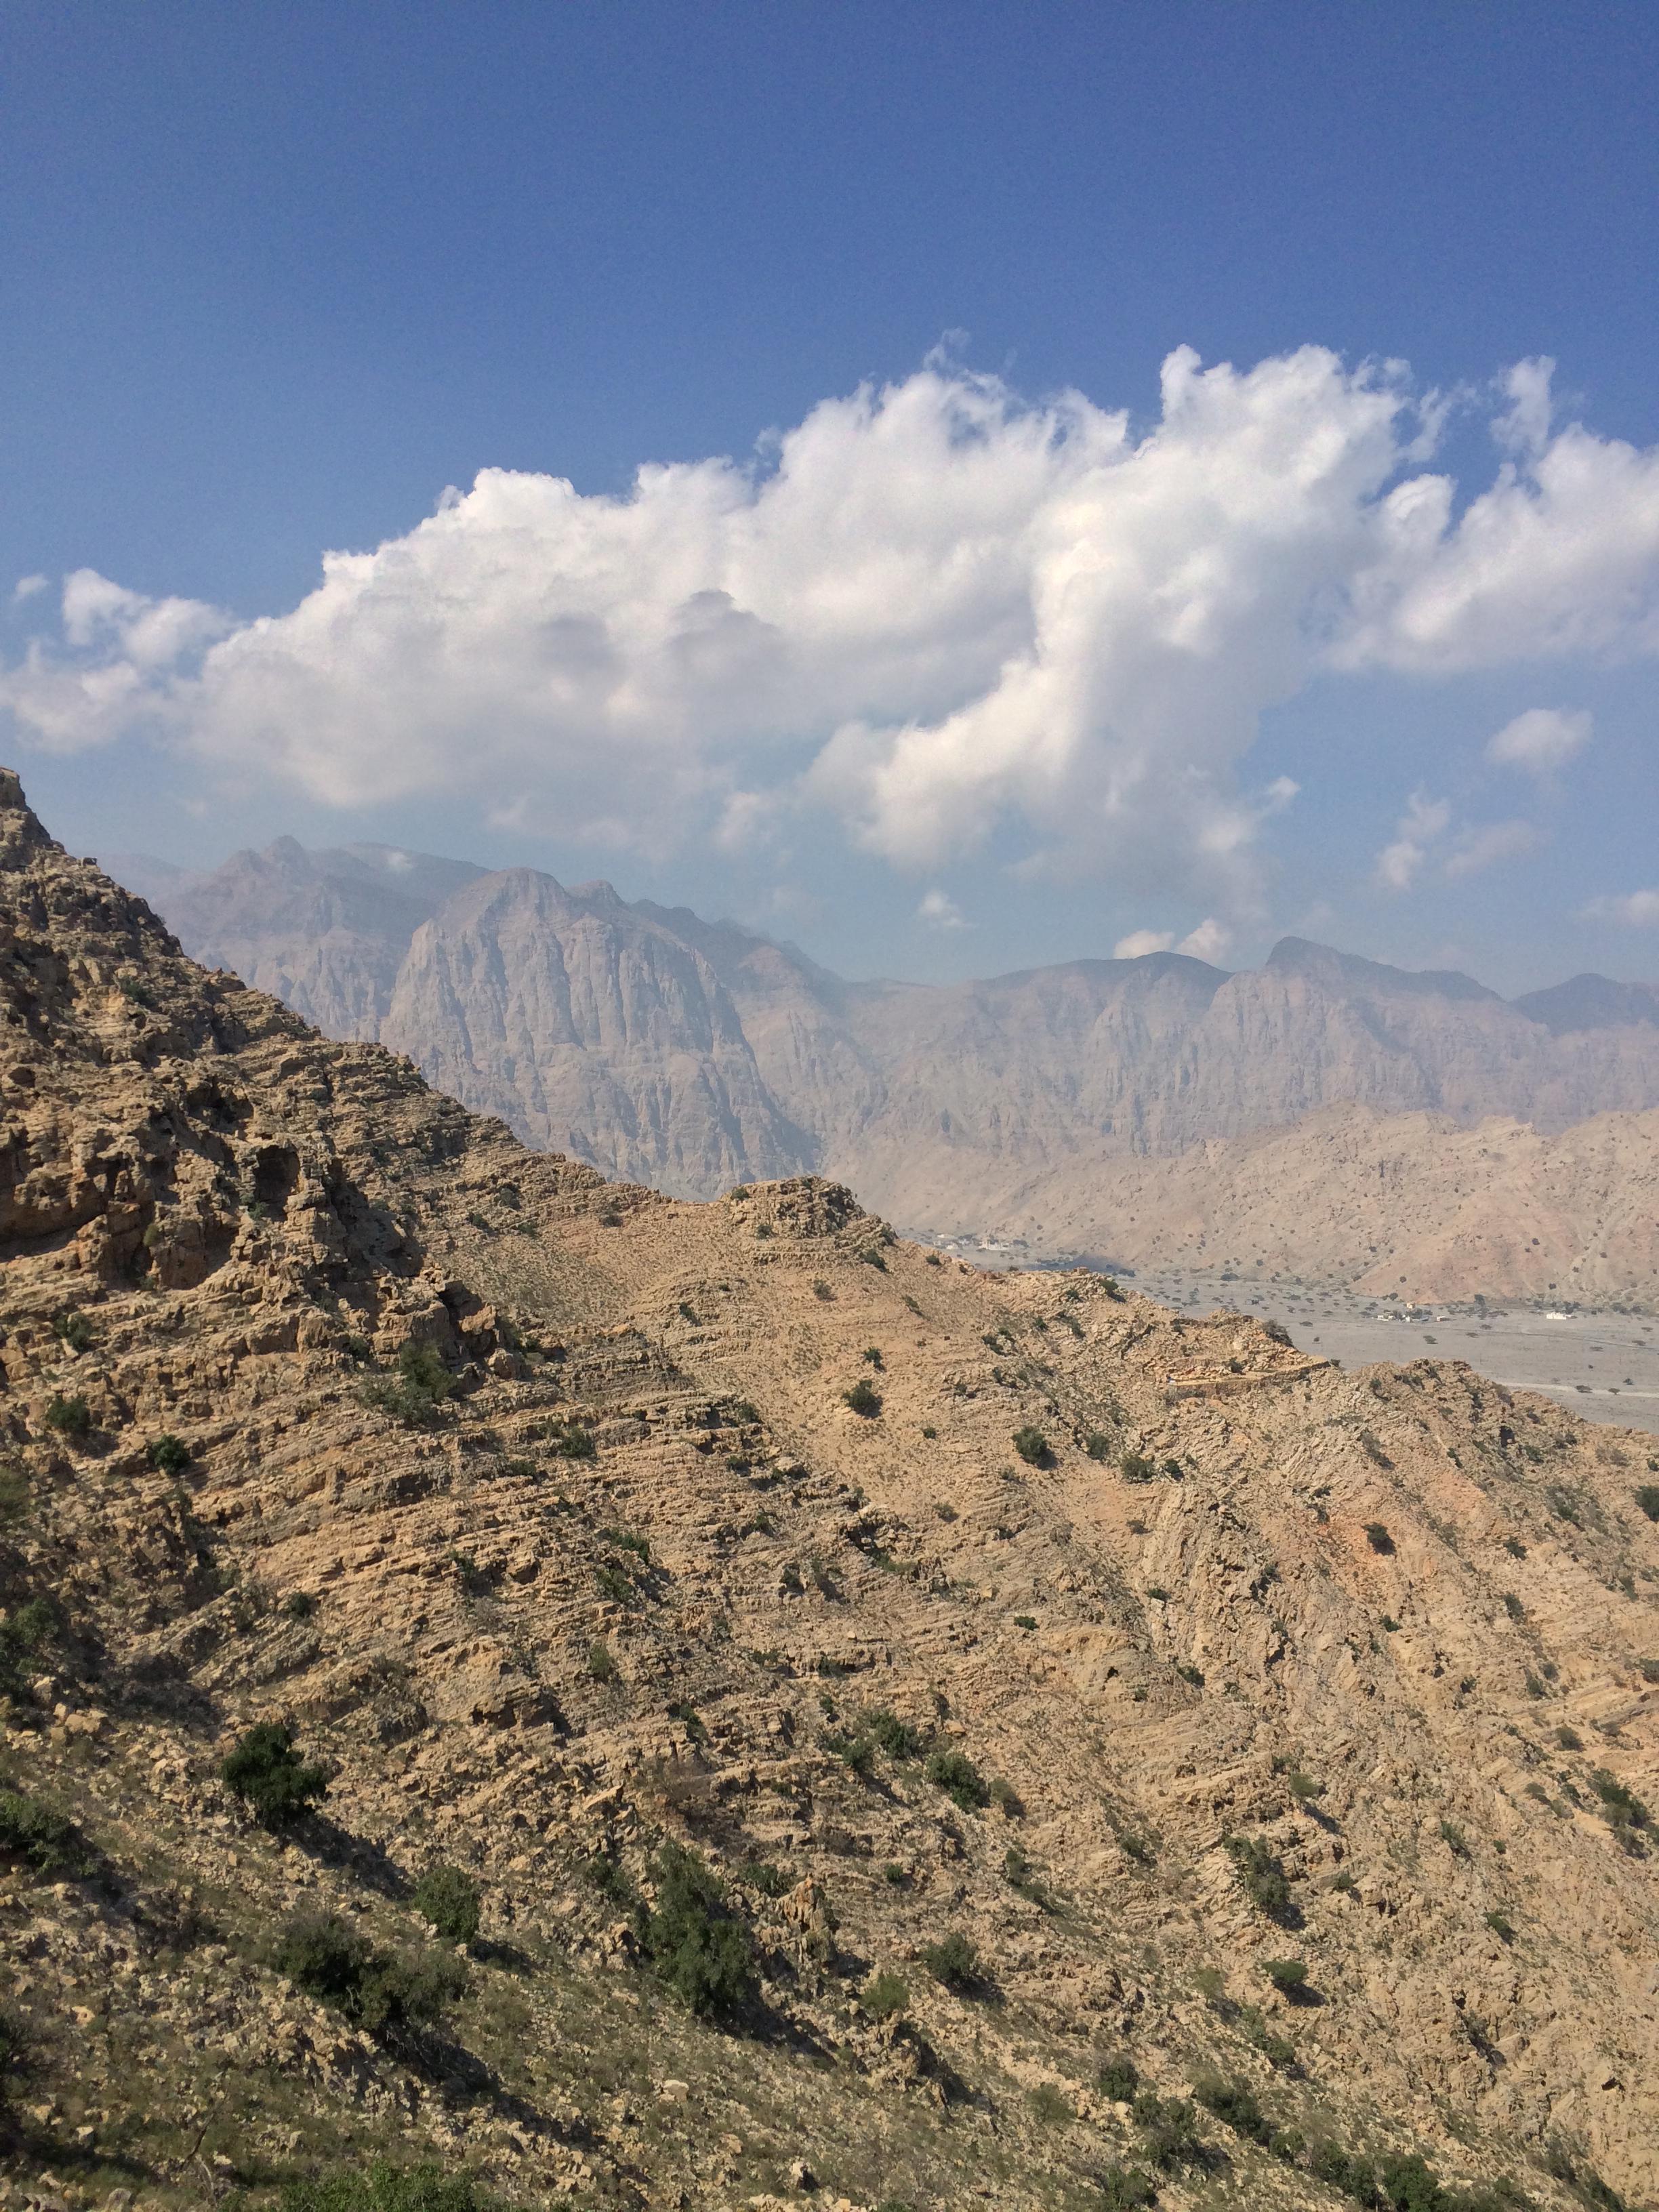 Coast of the  Musandam peninsula in Oman